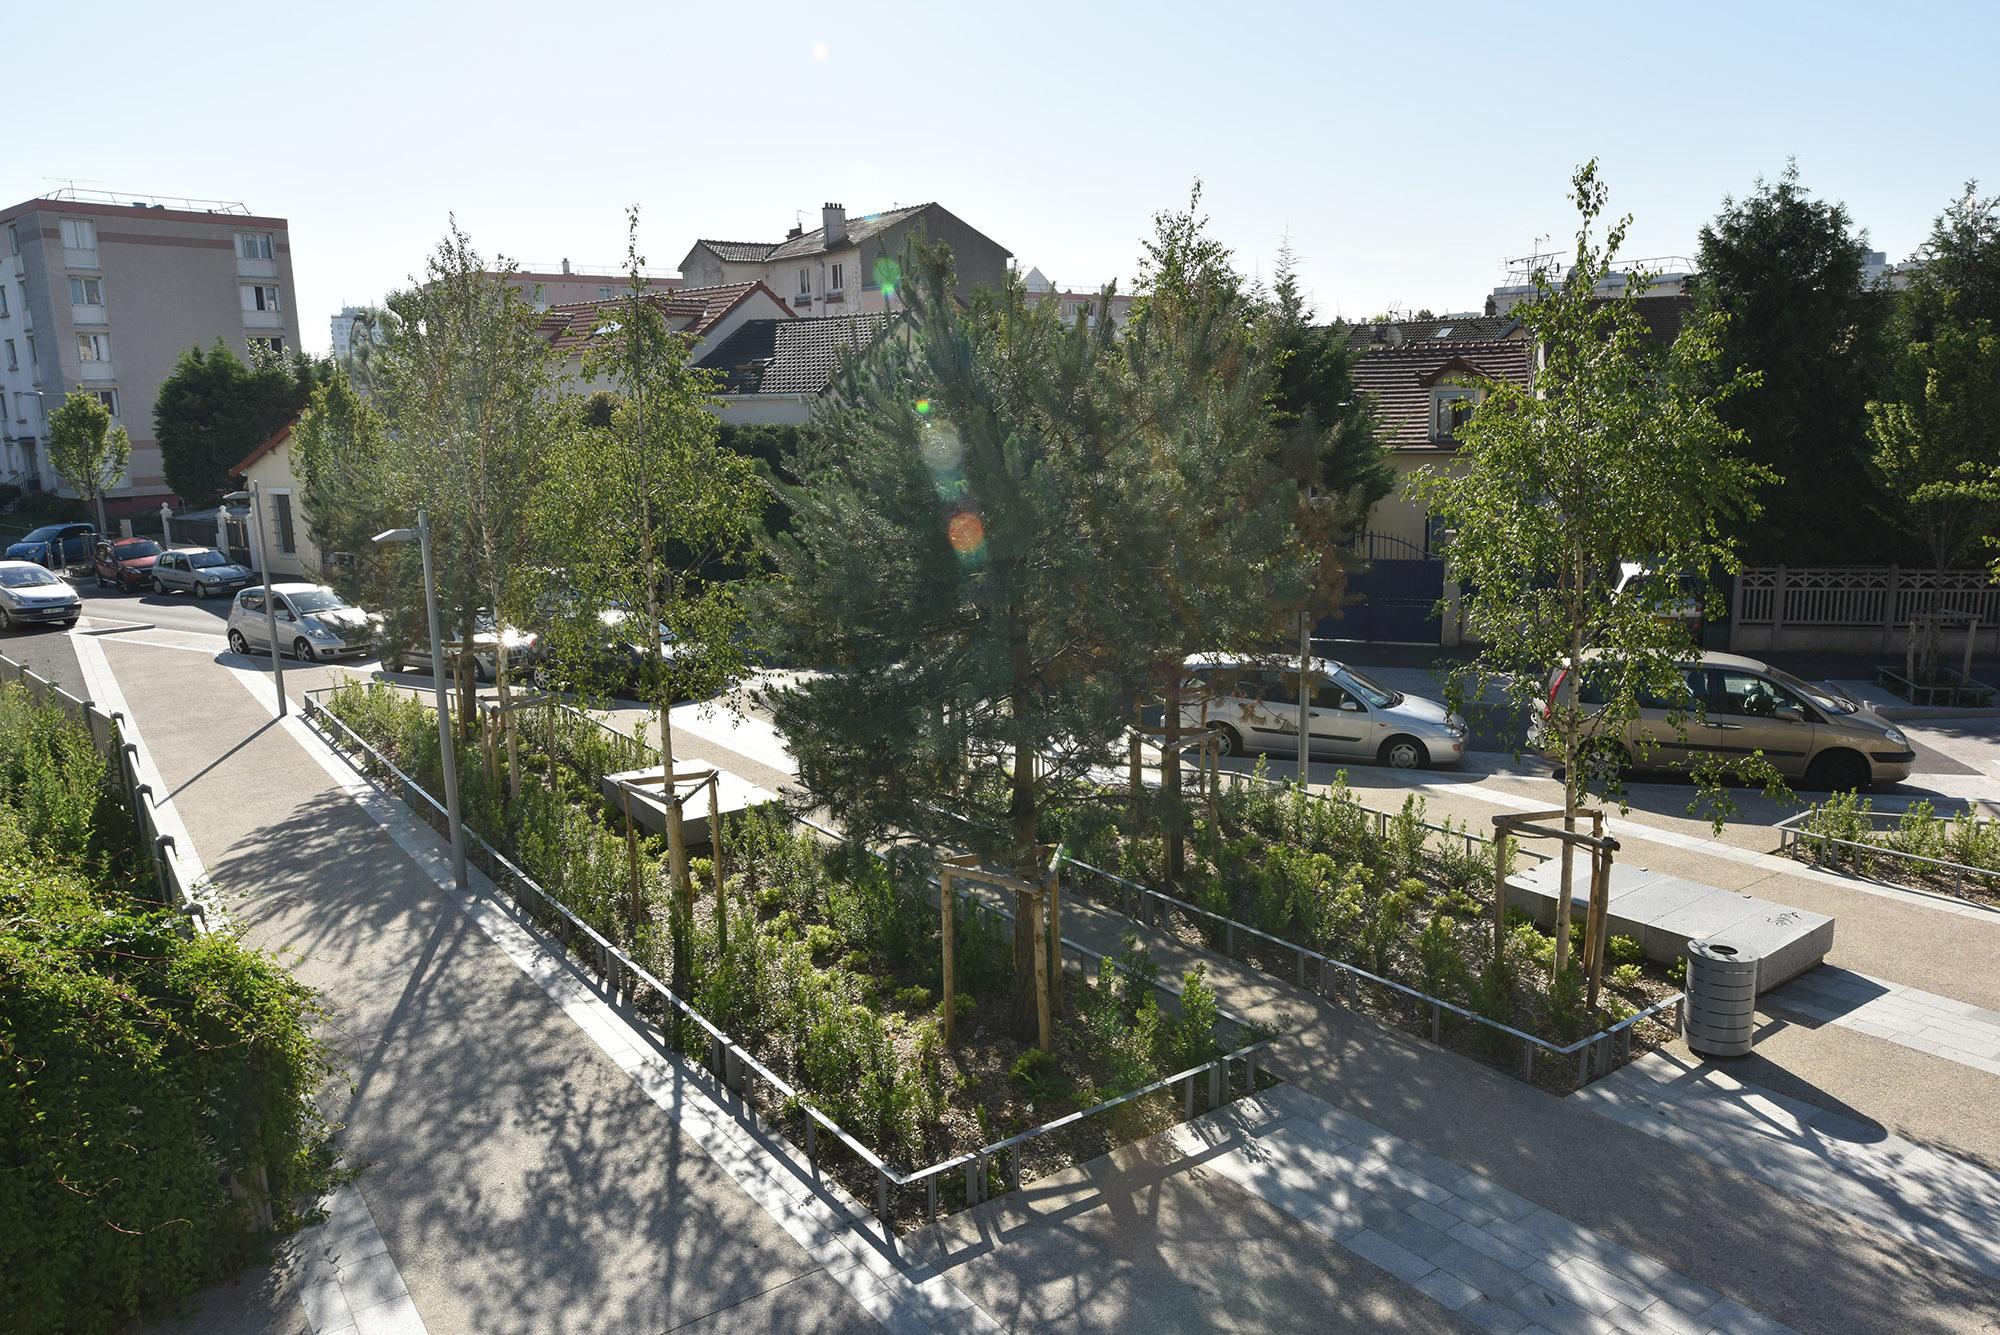 Détail de la place de la Commune de paris donnant la rampe d'accès au parc Lagravère